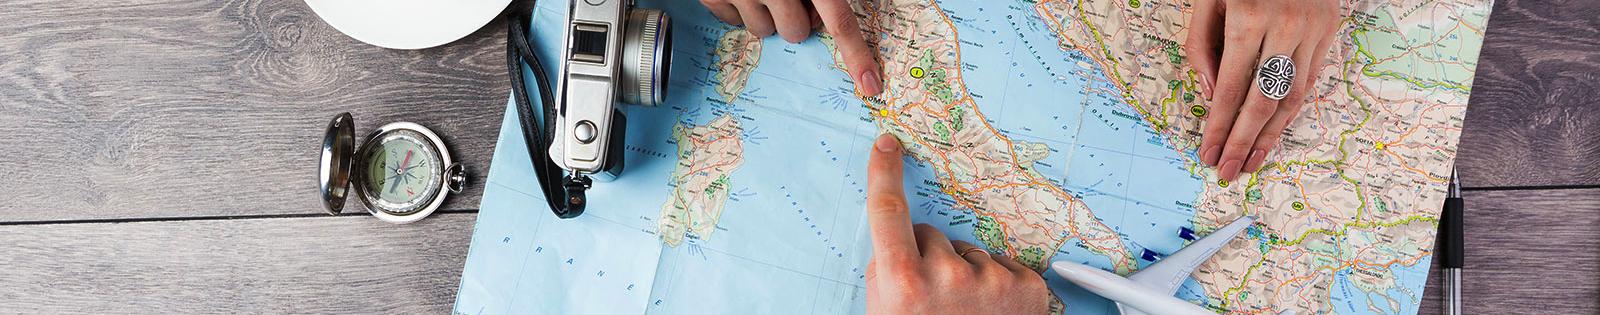 10 errores comunes al viajar